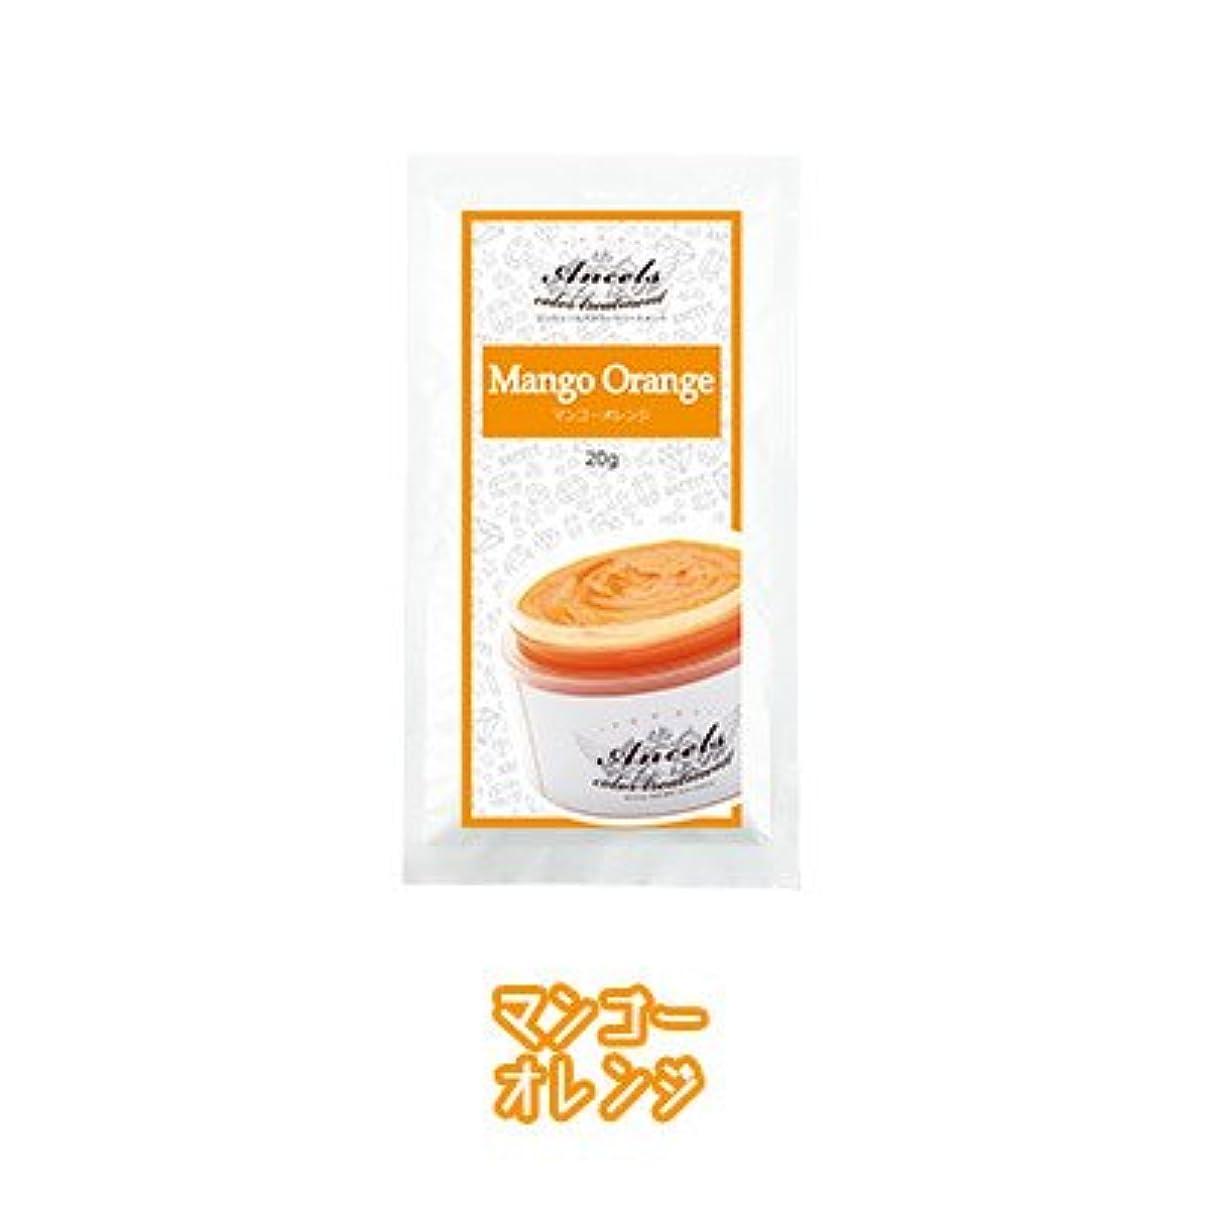 時々時々カップ引き渡すエンシェールズ カラートリートメントバター プチ(お試しサイズ) マンゴーオレンジ 20g